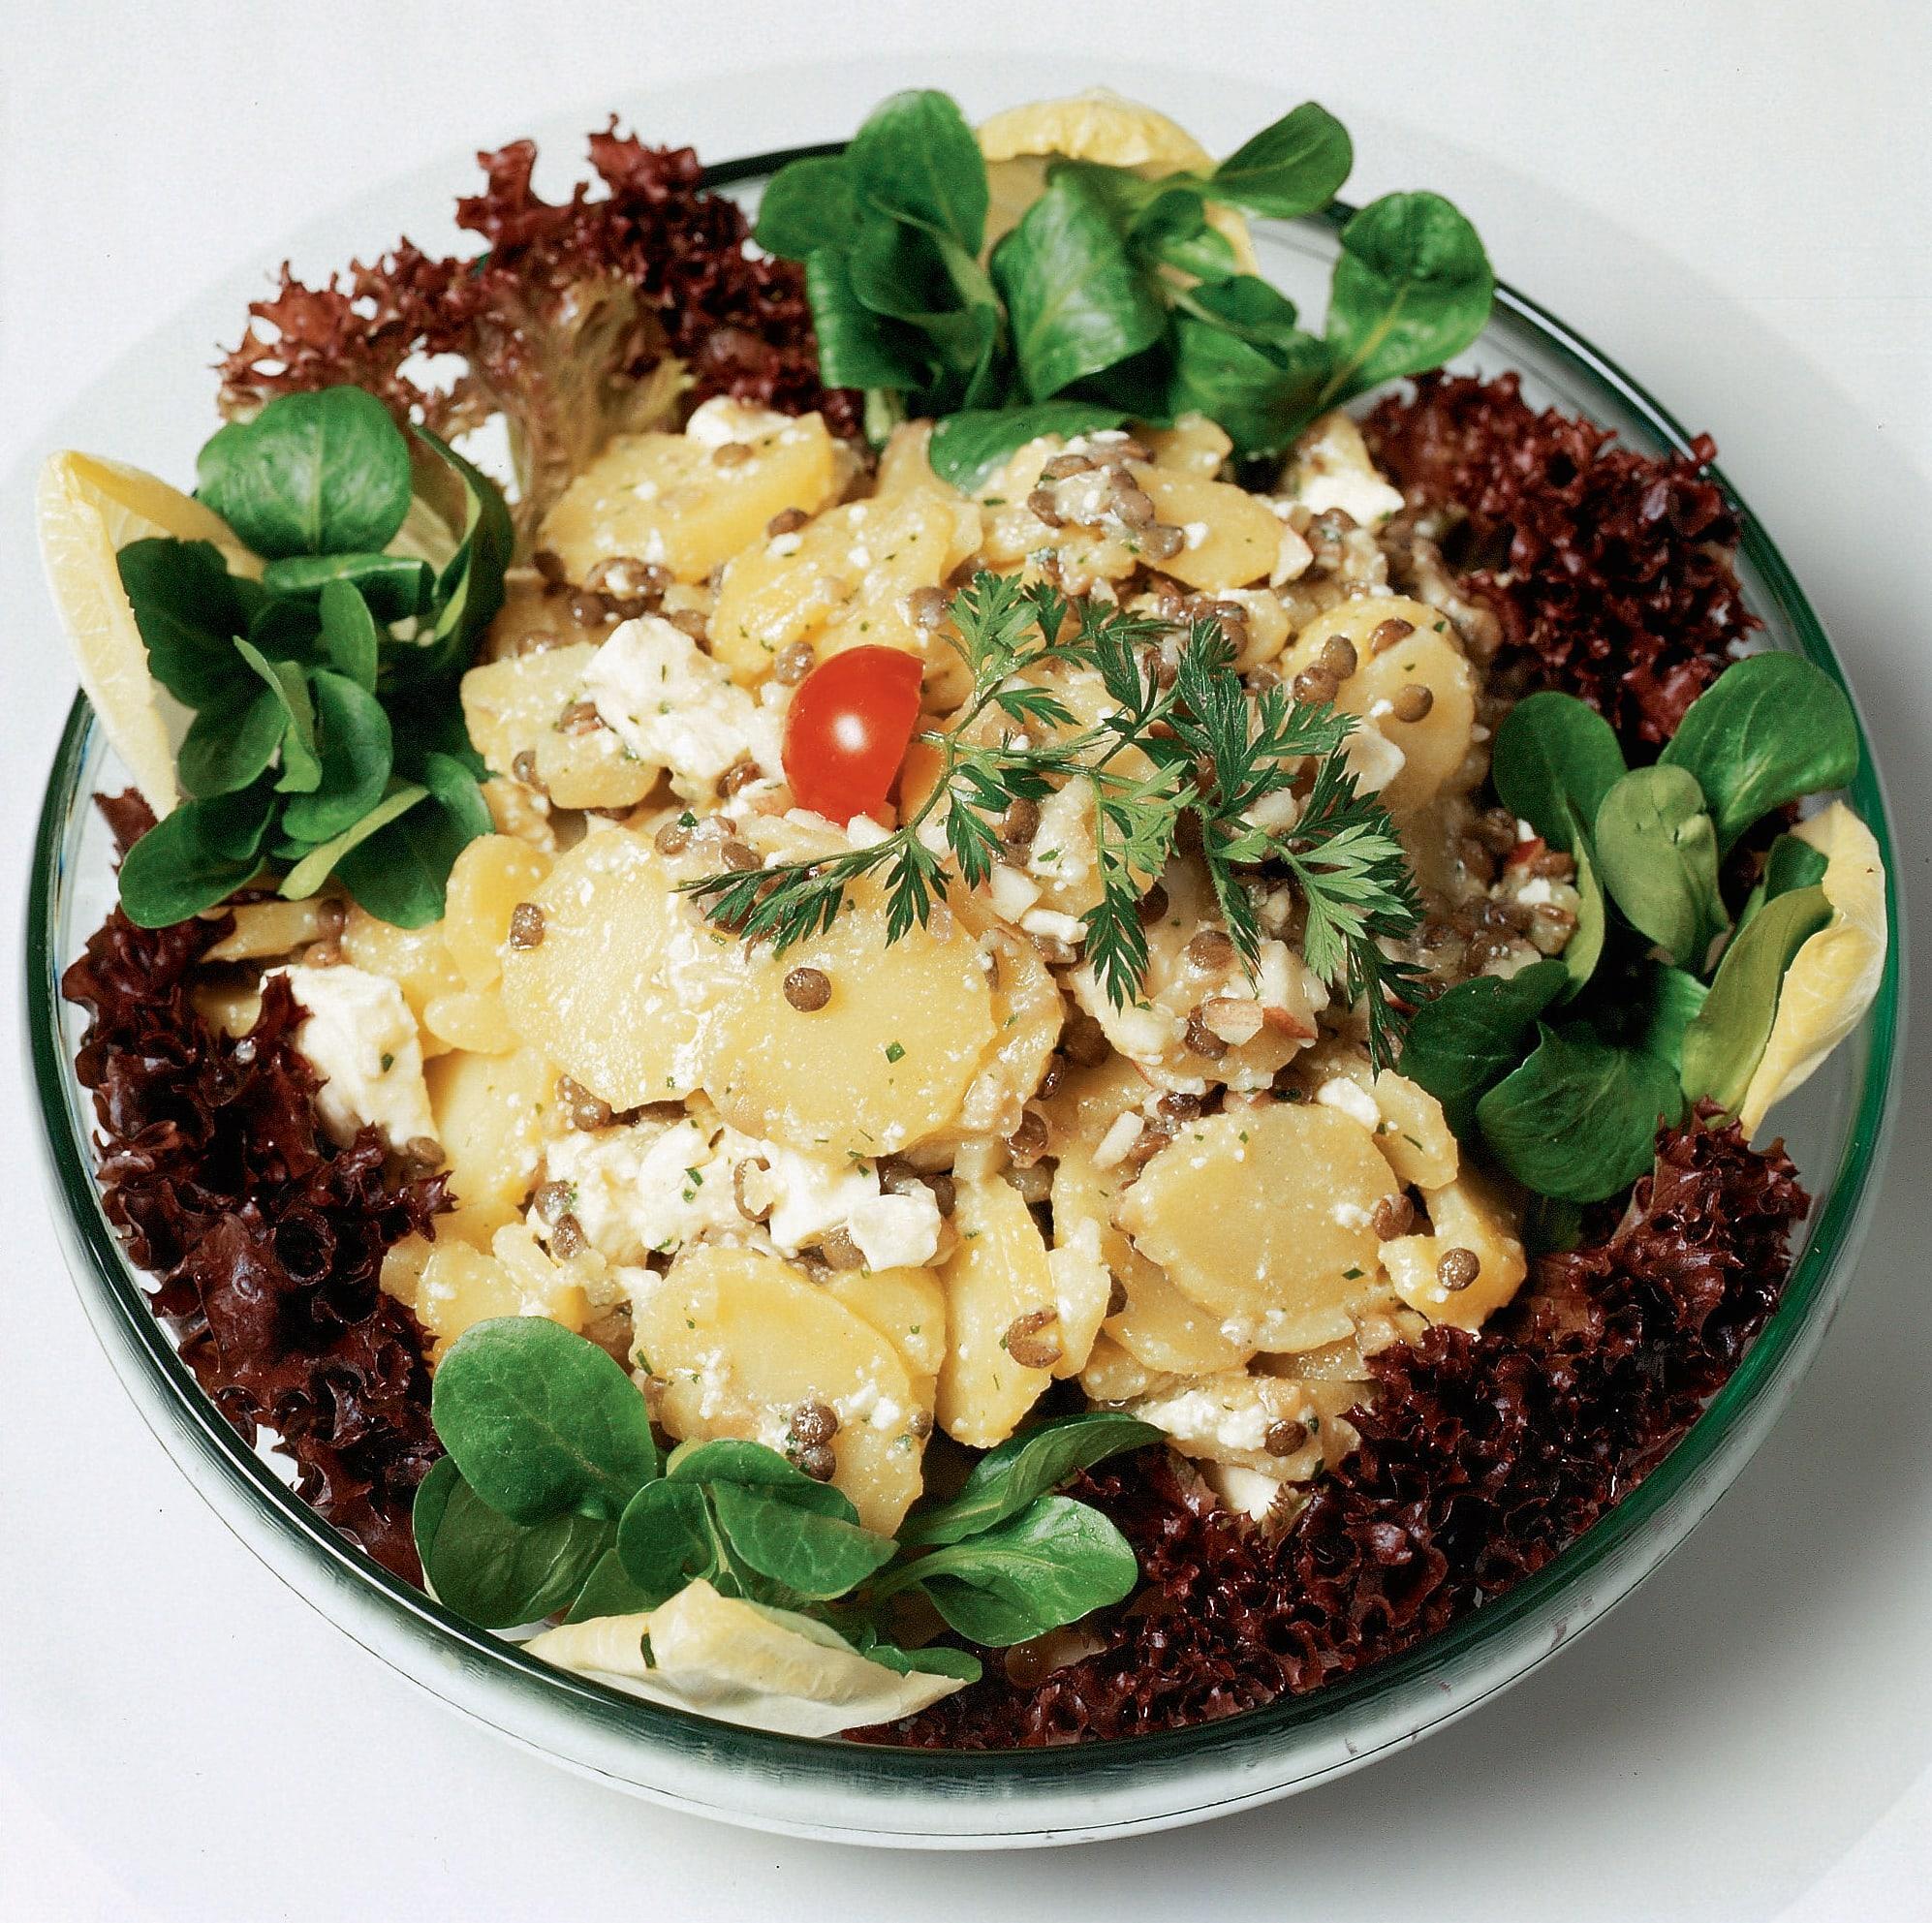 Kartoffel-Linsen-Salat an Apfel-Vinaigrette